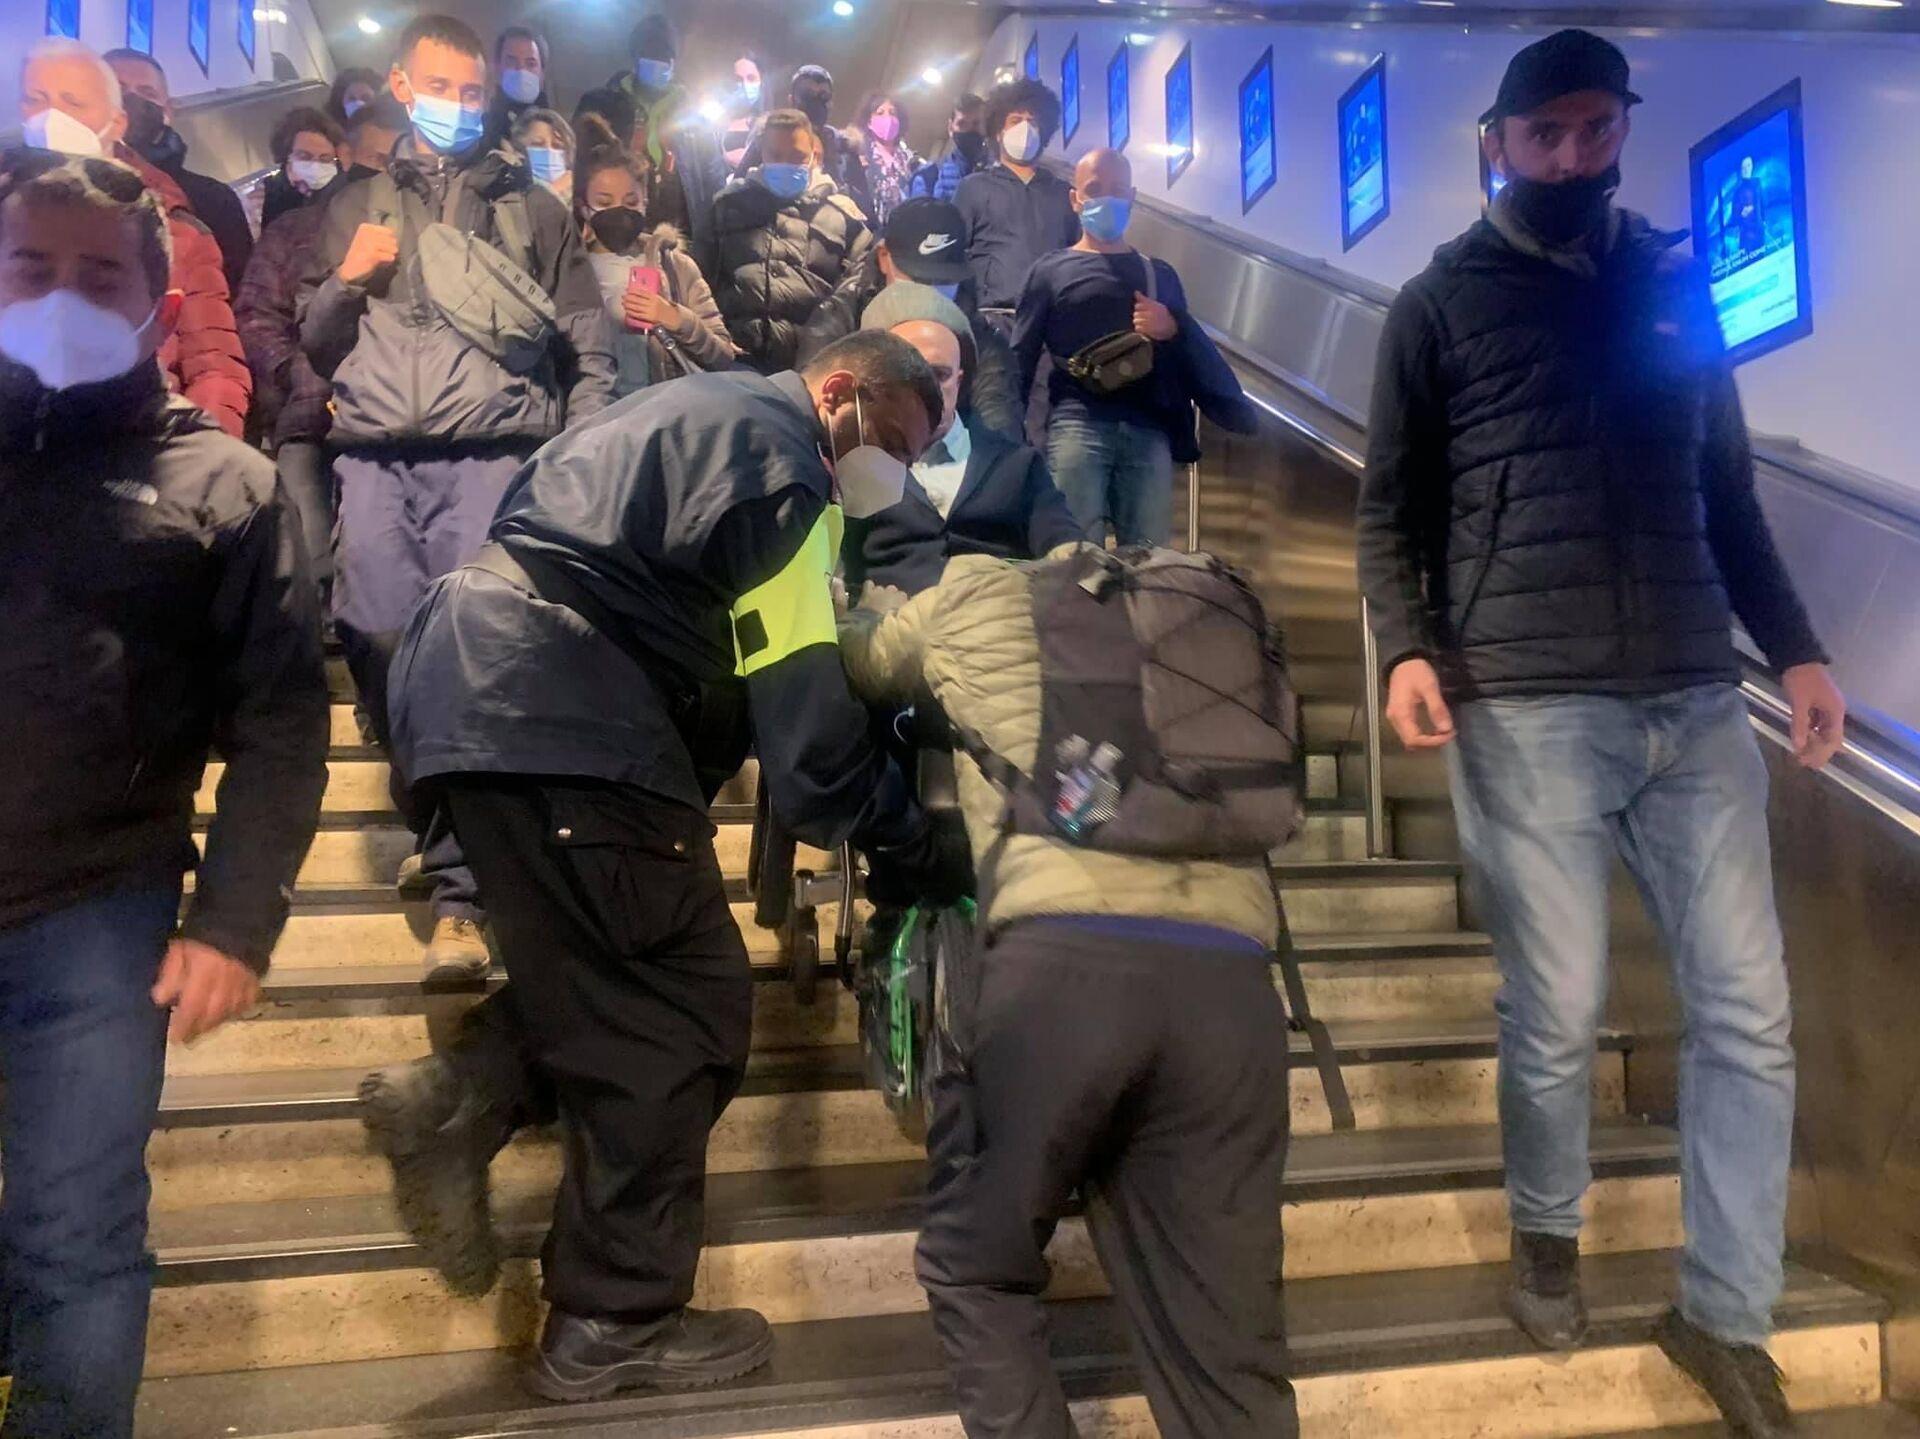 Stazione Termini da incubo: disabile portato a spalla perché gli ascensori sono fuori uso - Sputnik Italia, 1920, 23.02.2021